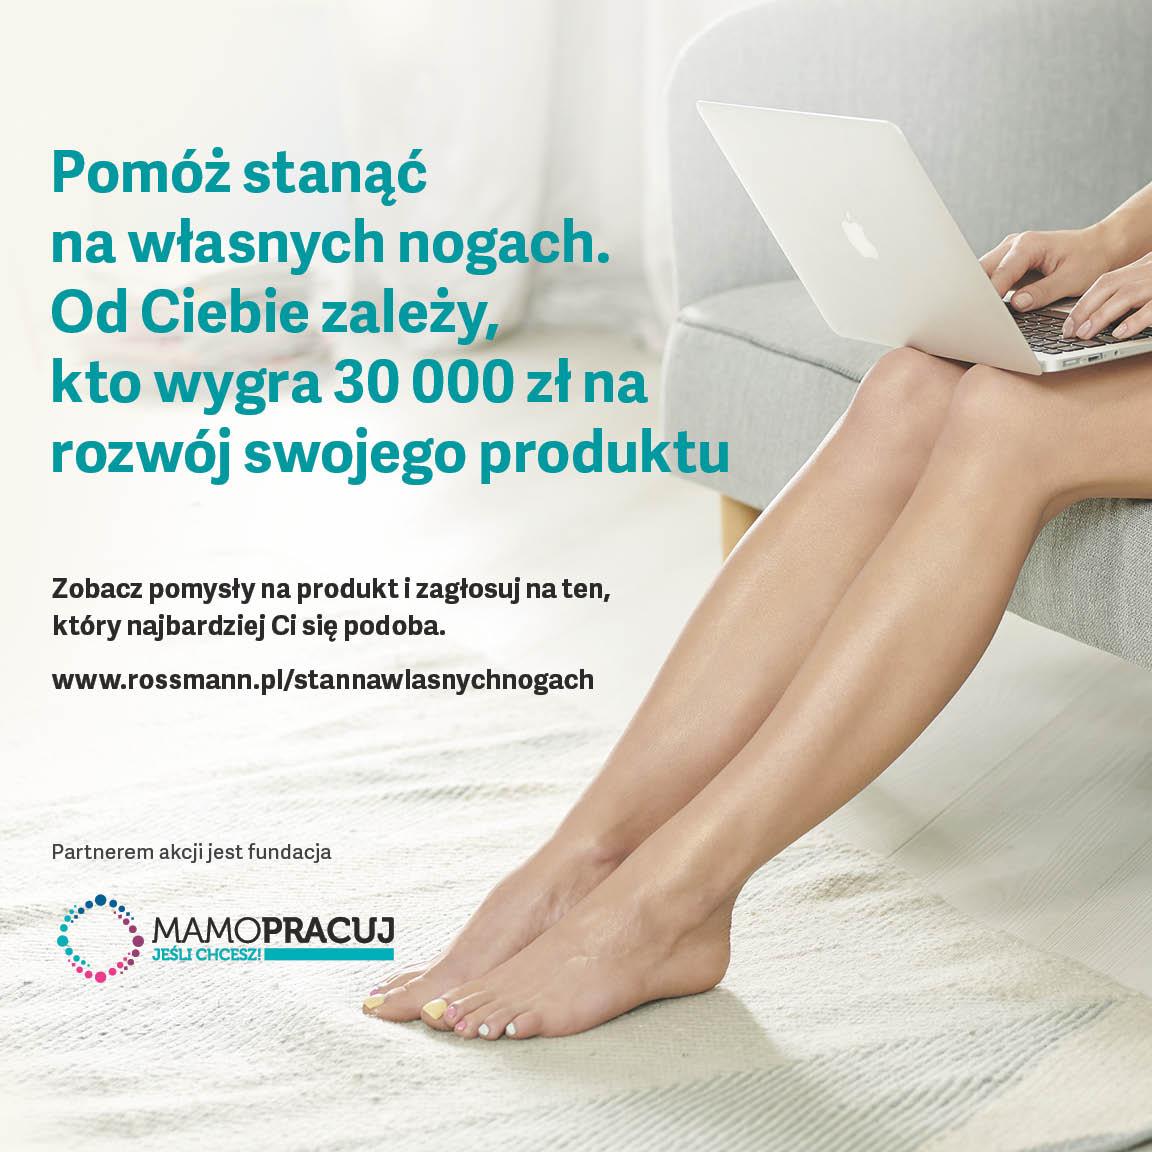 Ty też możesz wesprzeć kobiecy biznes. Wystarczy kliknąć